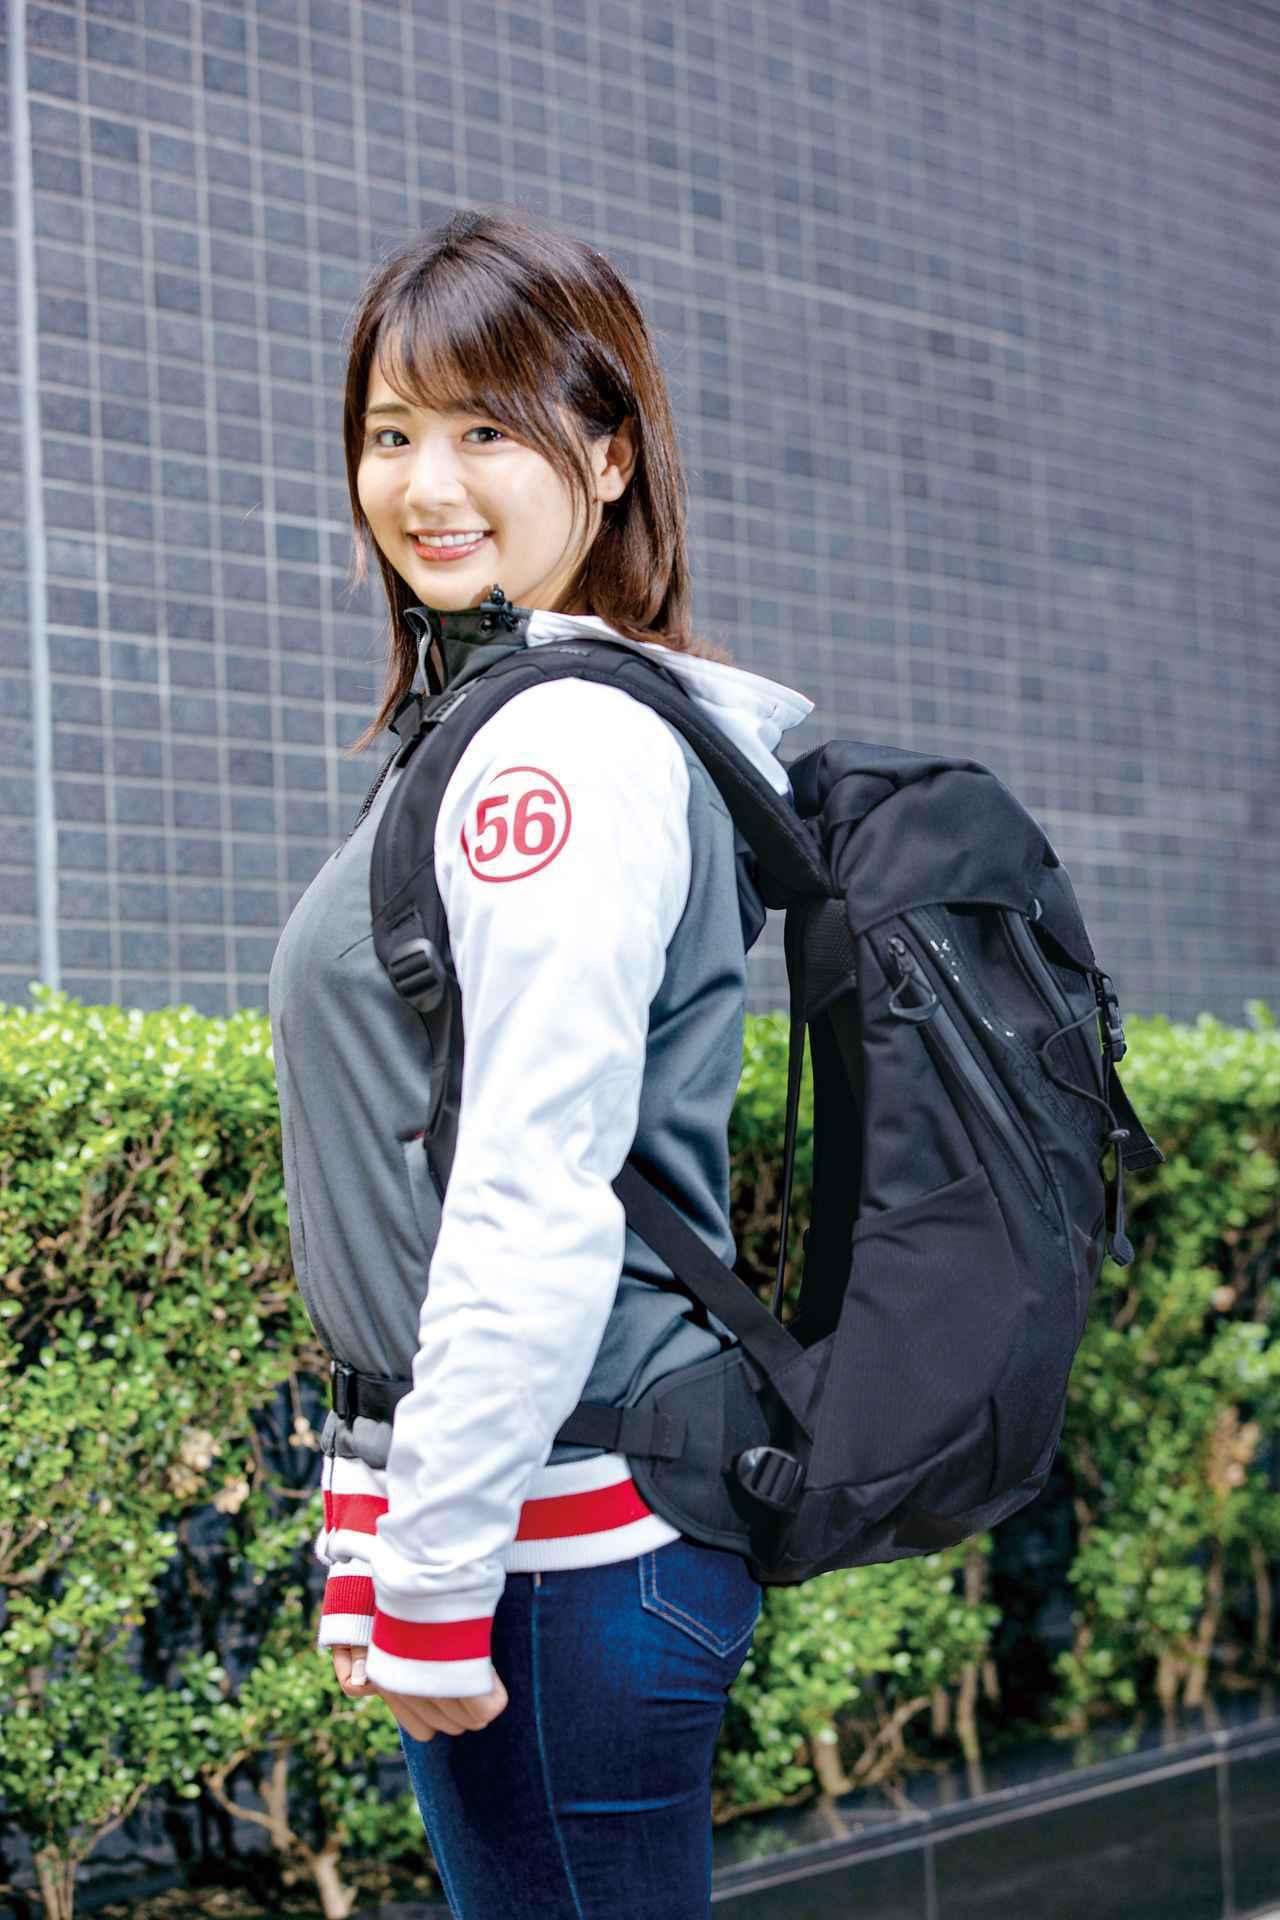 画像: ︎アウトドア用とは雰囲気が異なるカジュアルなデザイン。ファスナー付きポケット、ペットボトルホルダーも備えている。